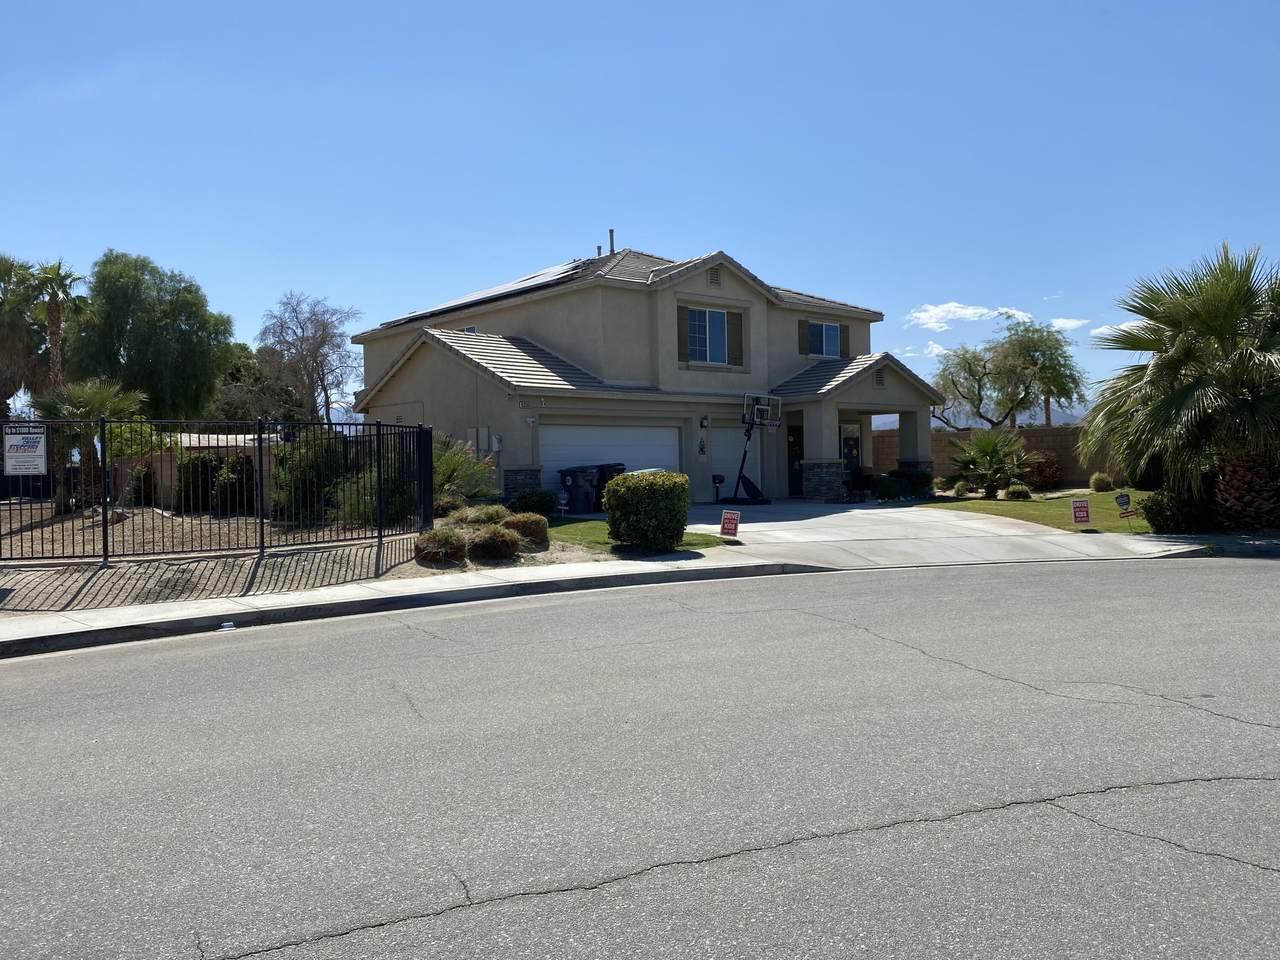 83503 San Mateo Ave Avenue - Photo 1